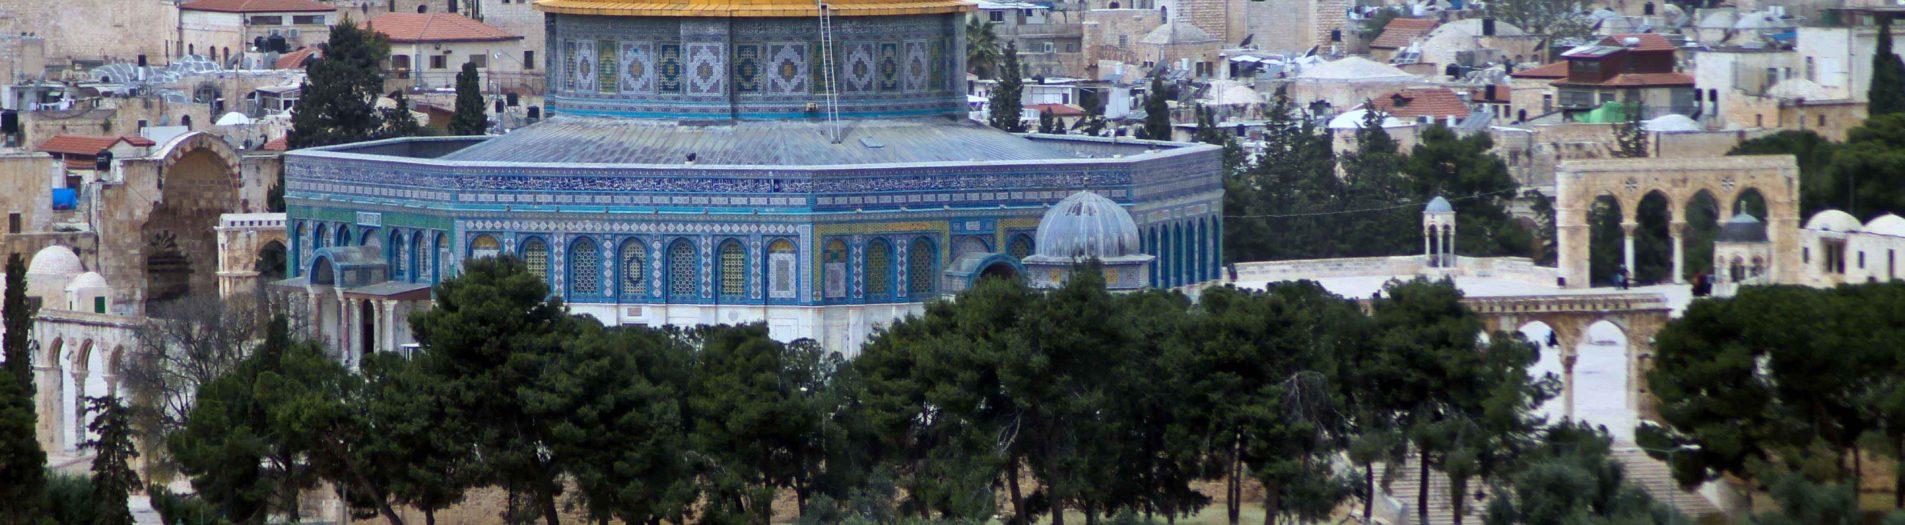 Palestine فلسطين